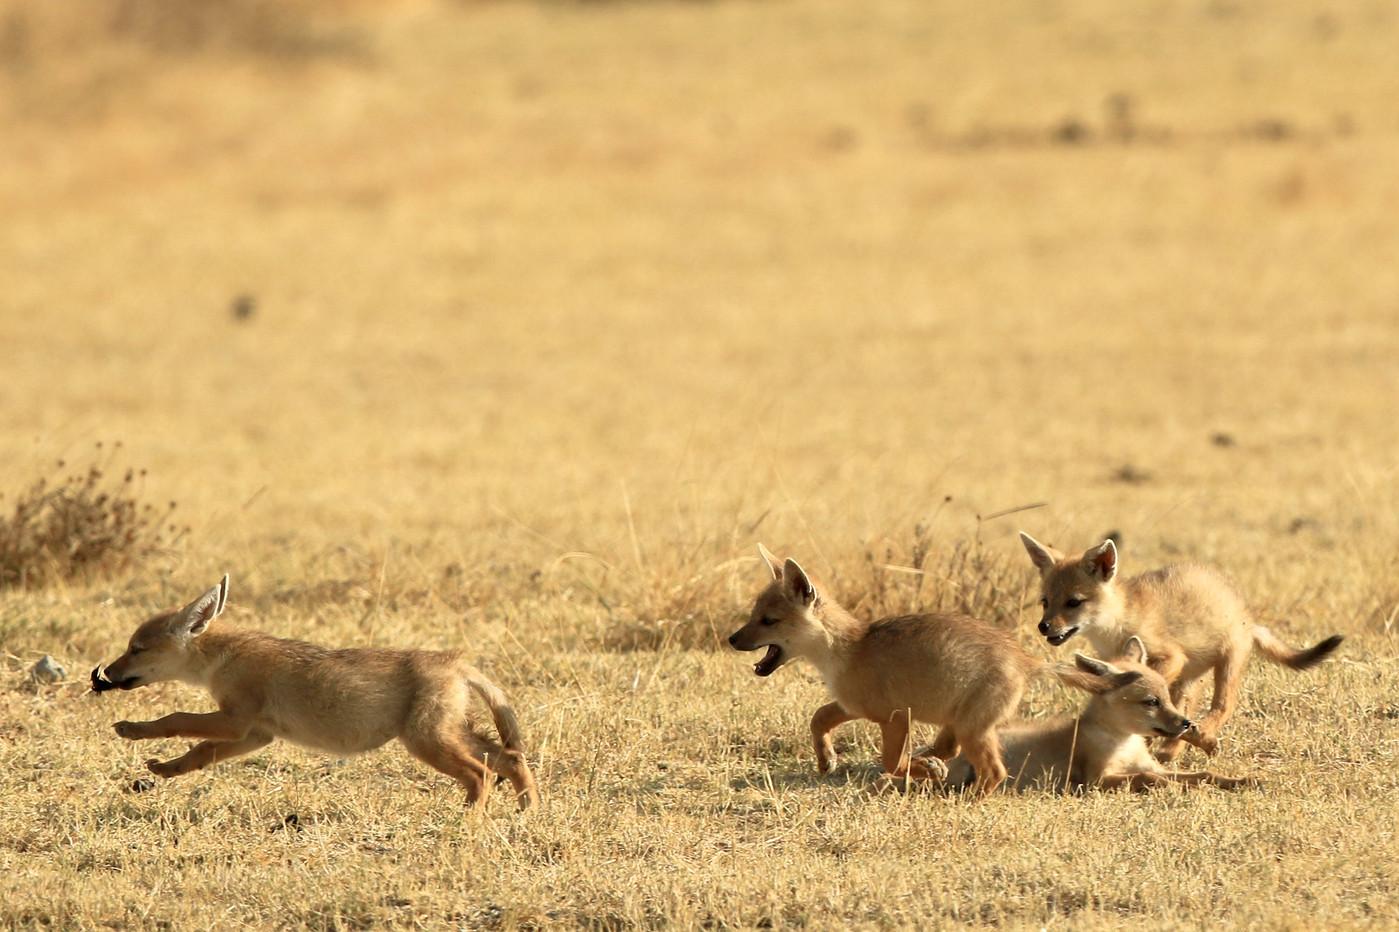 Golden Jackal pups in the Ngorongoro Crater, Tanzania